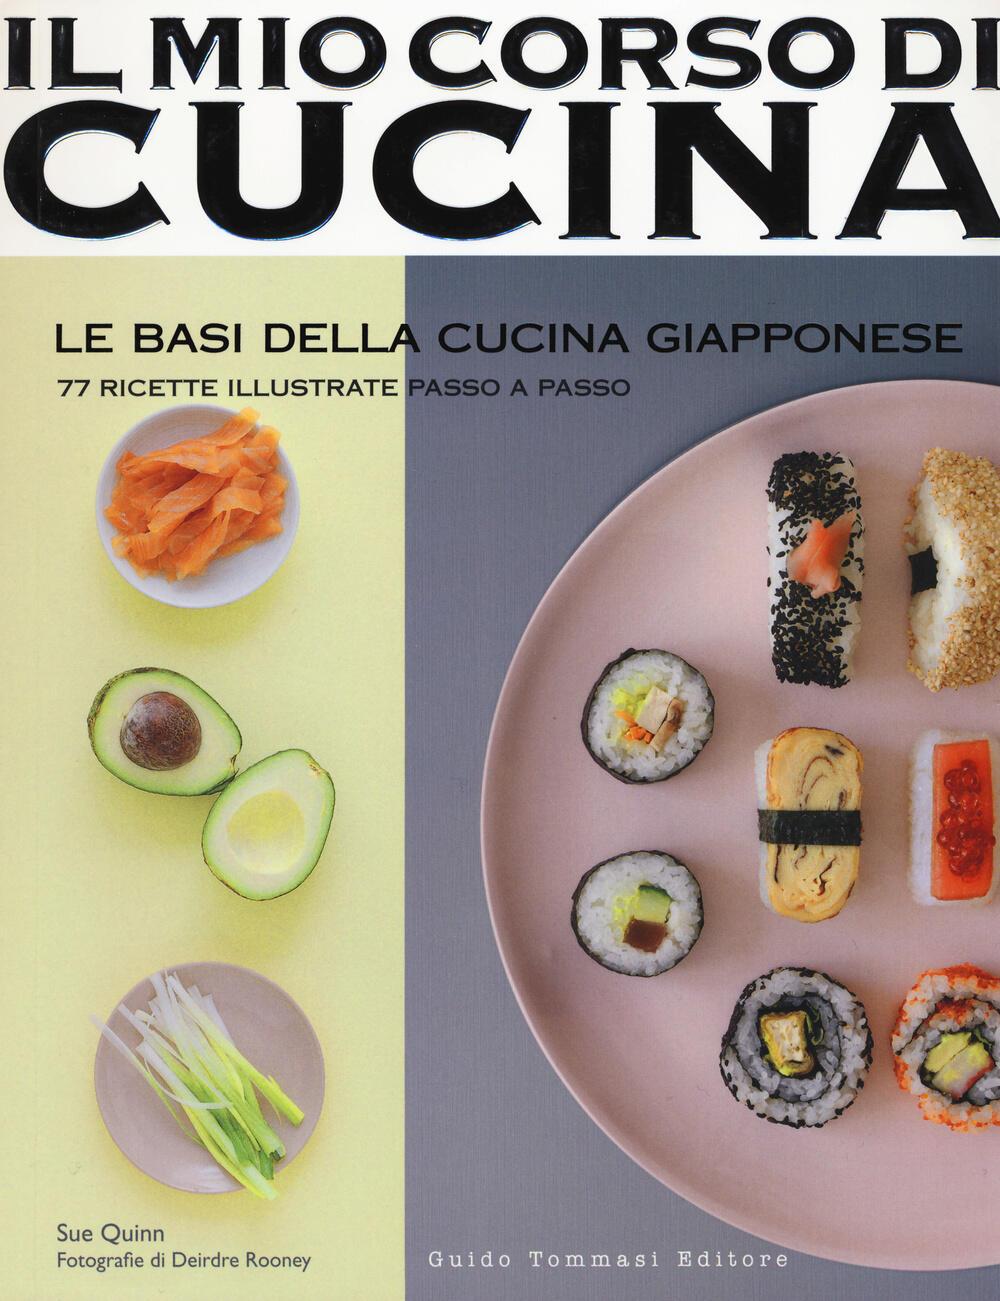 Le basi della cucina giapponese 77 ricette illustrate passo a passo sue quinn libro guido - Il libro di cucina hoepli pdf ...